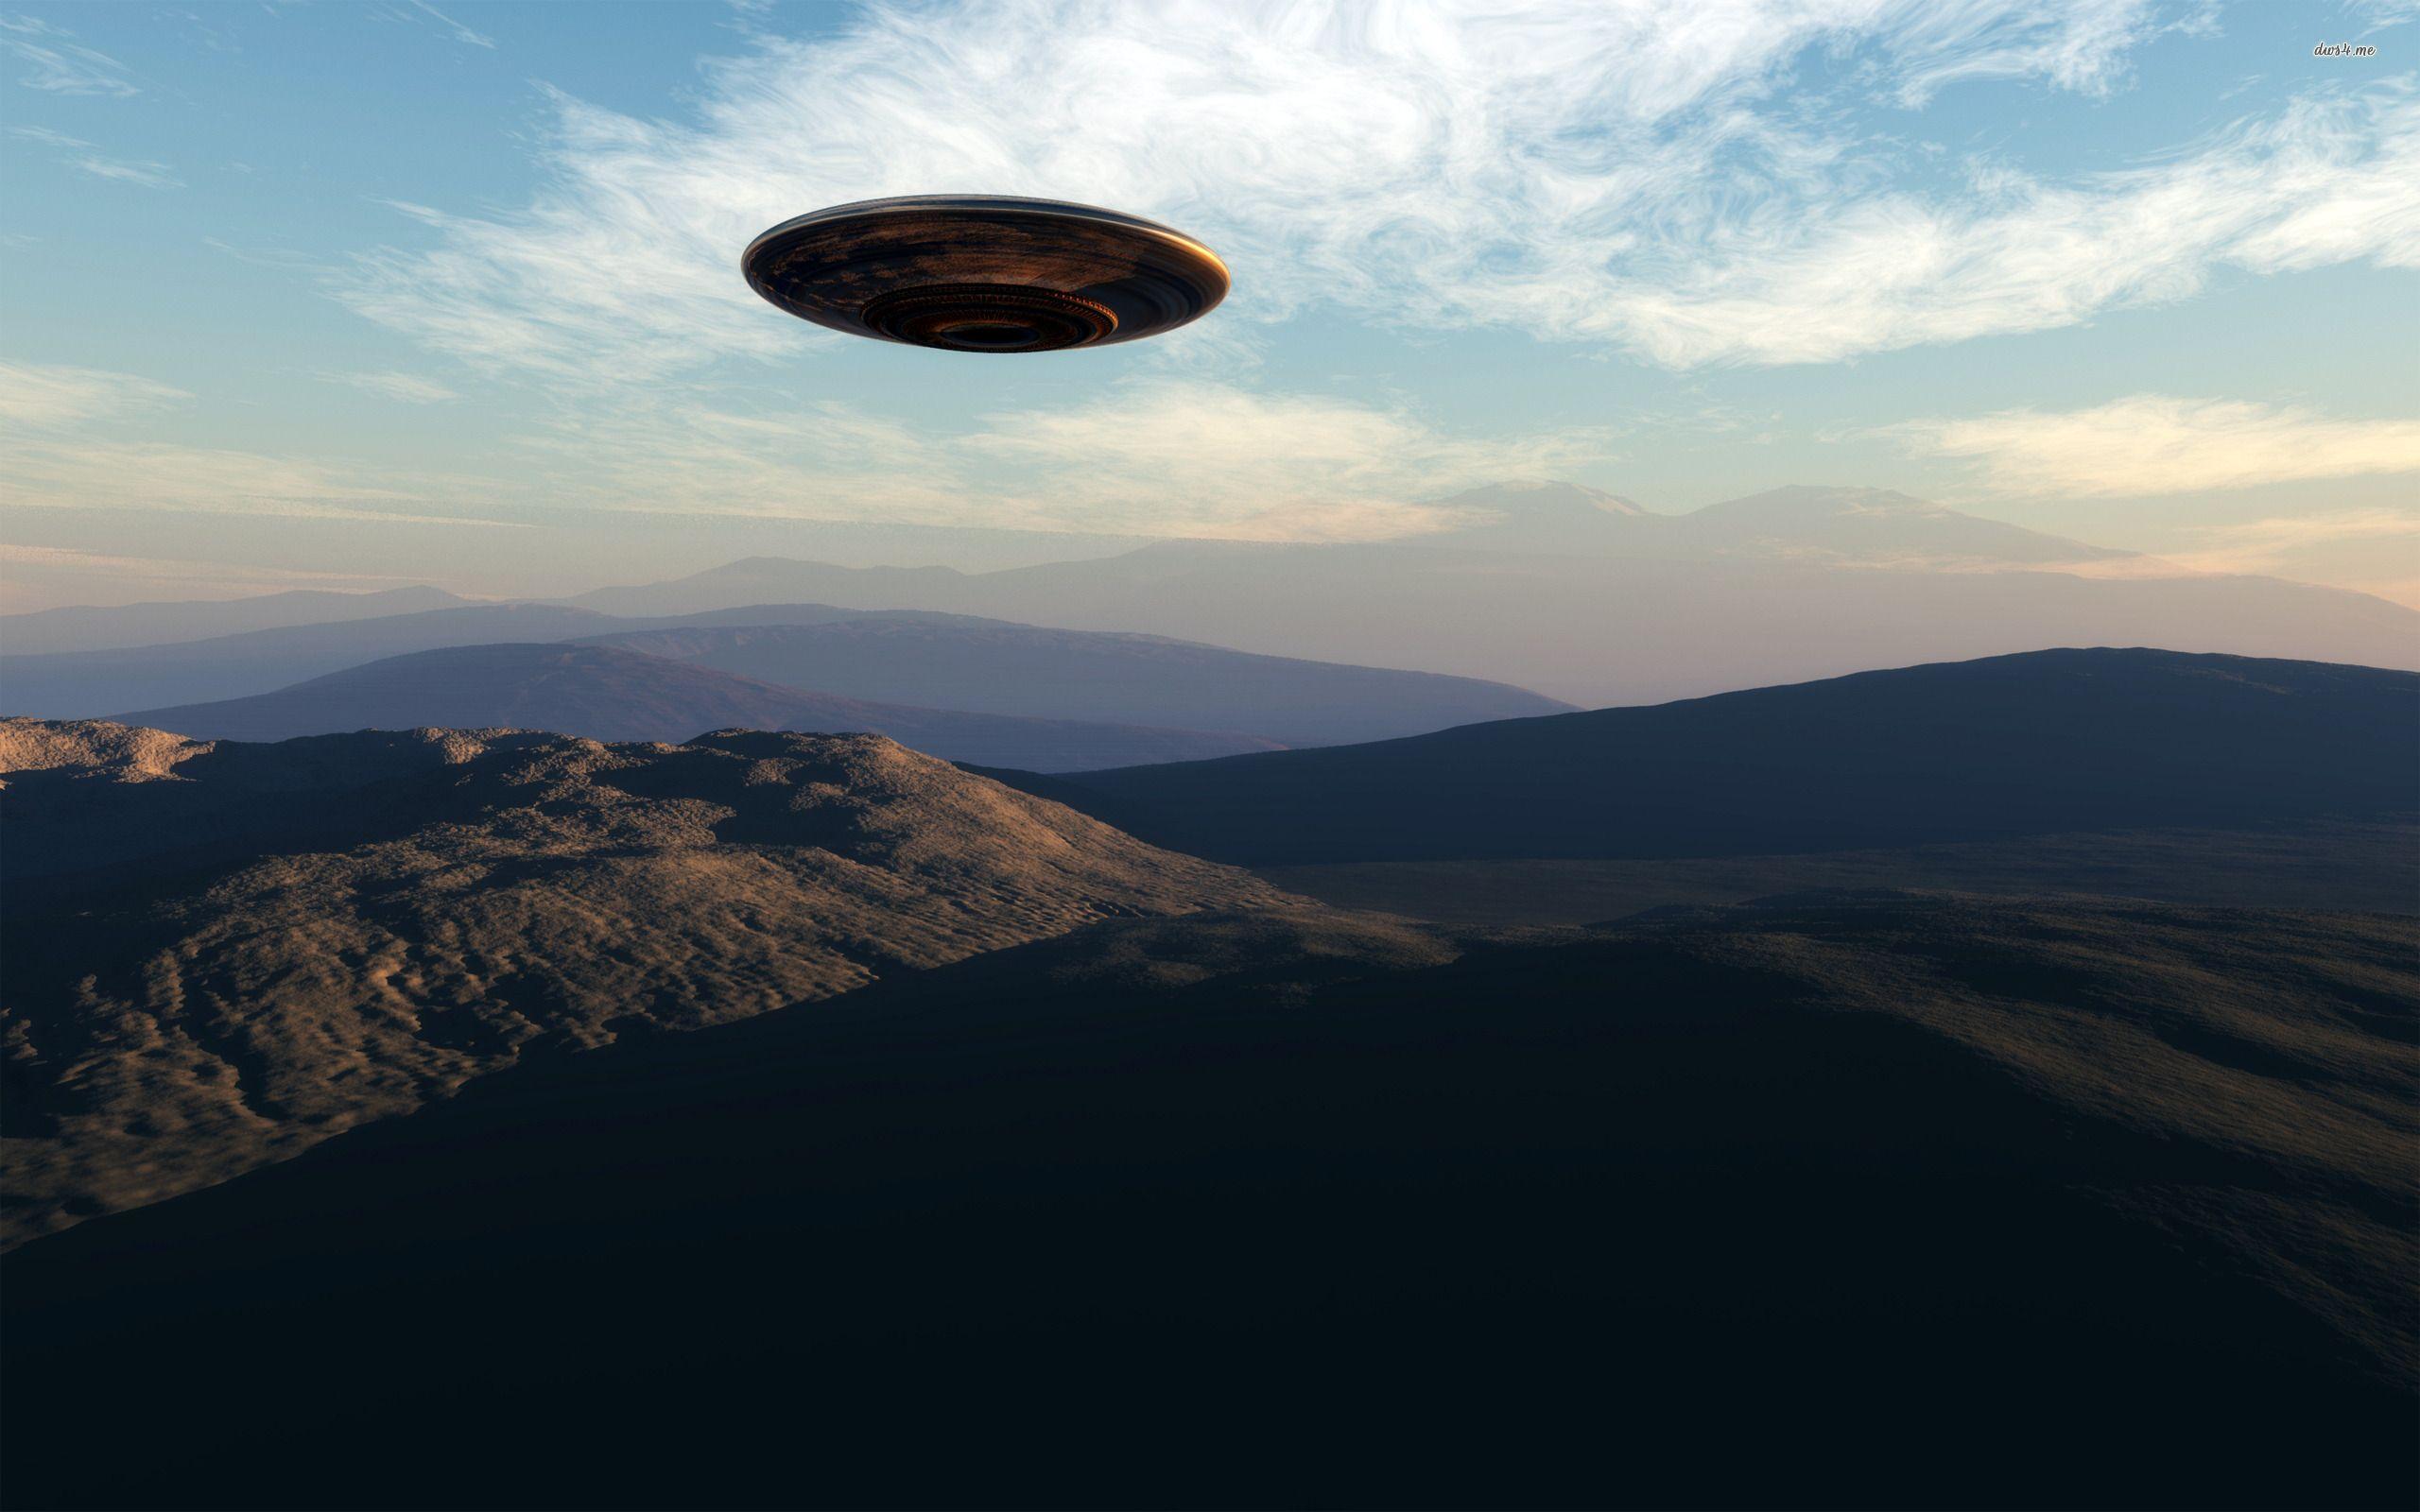 Resultado de imagen para ufo hd